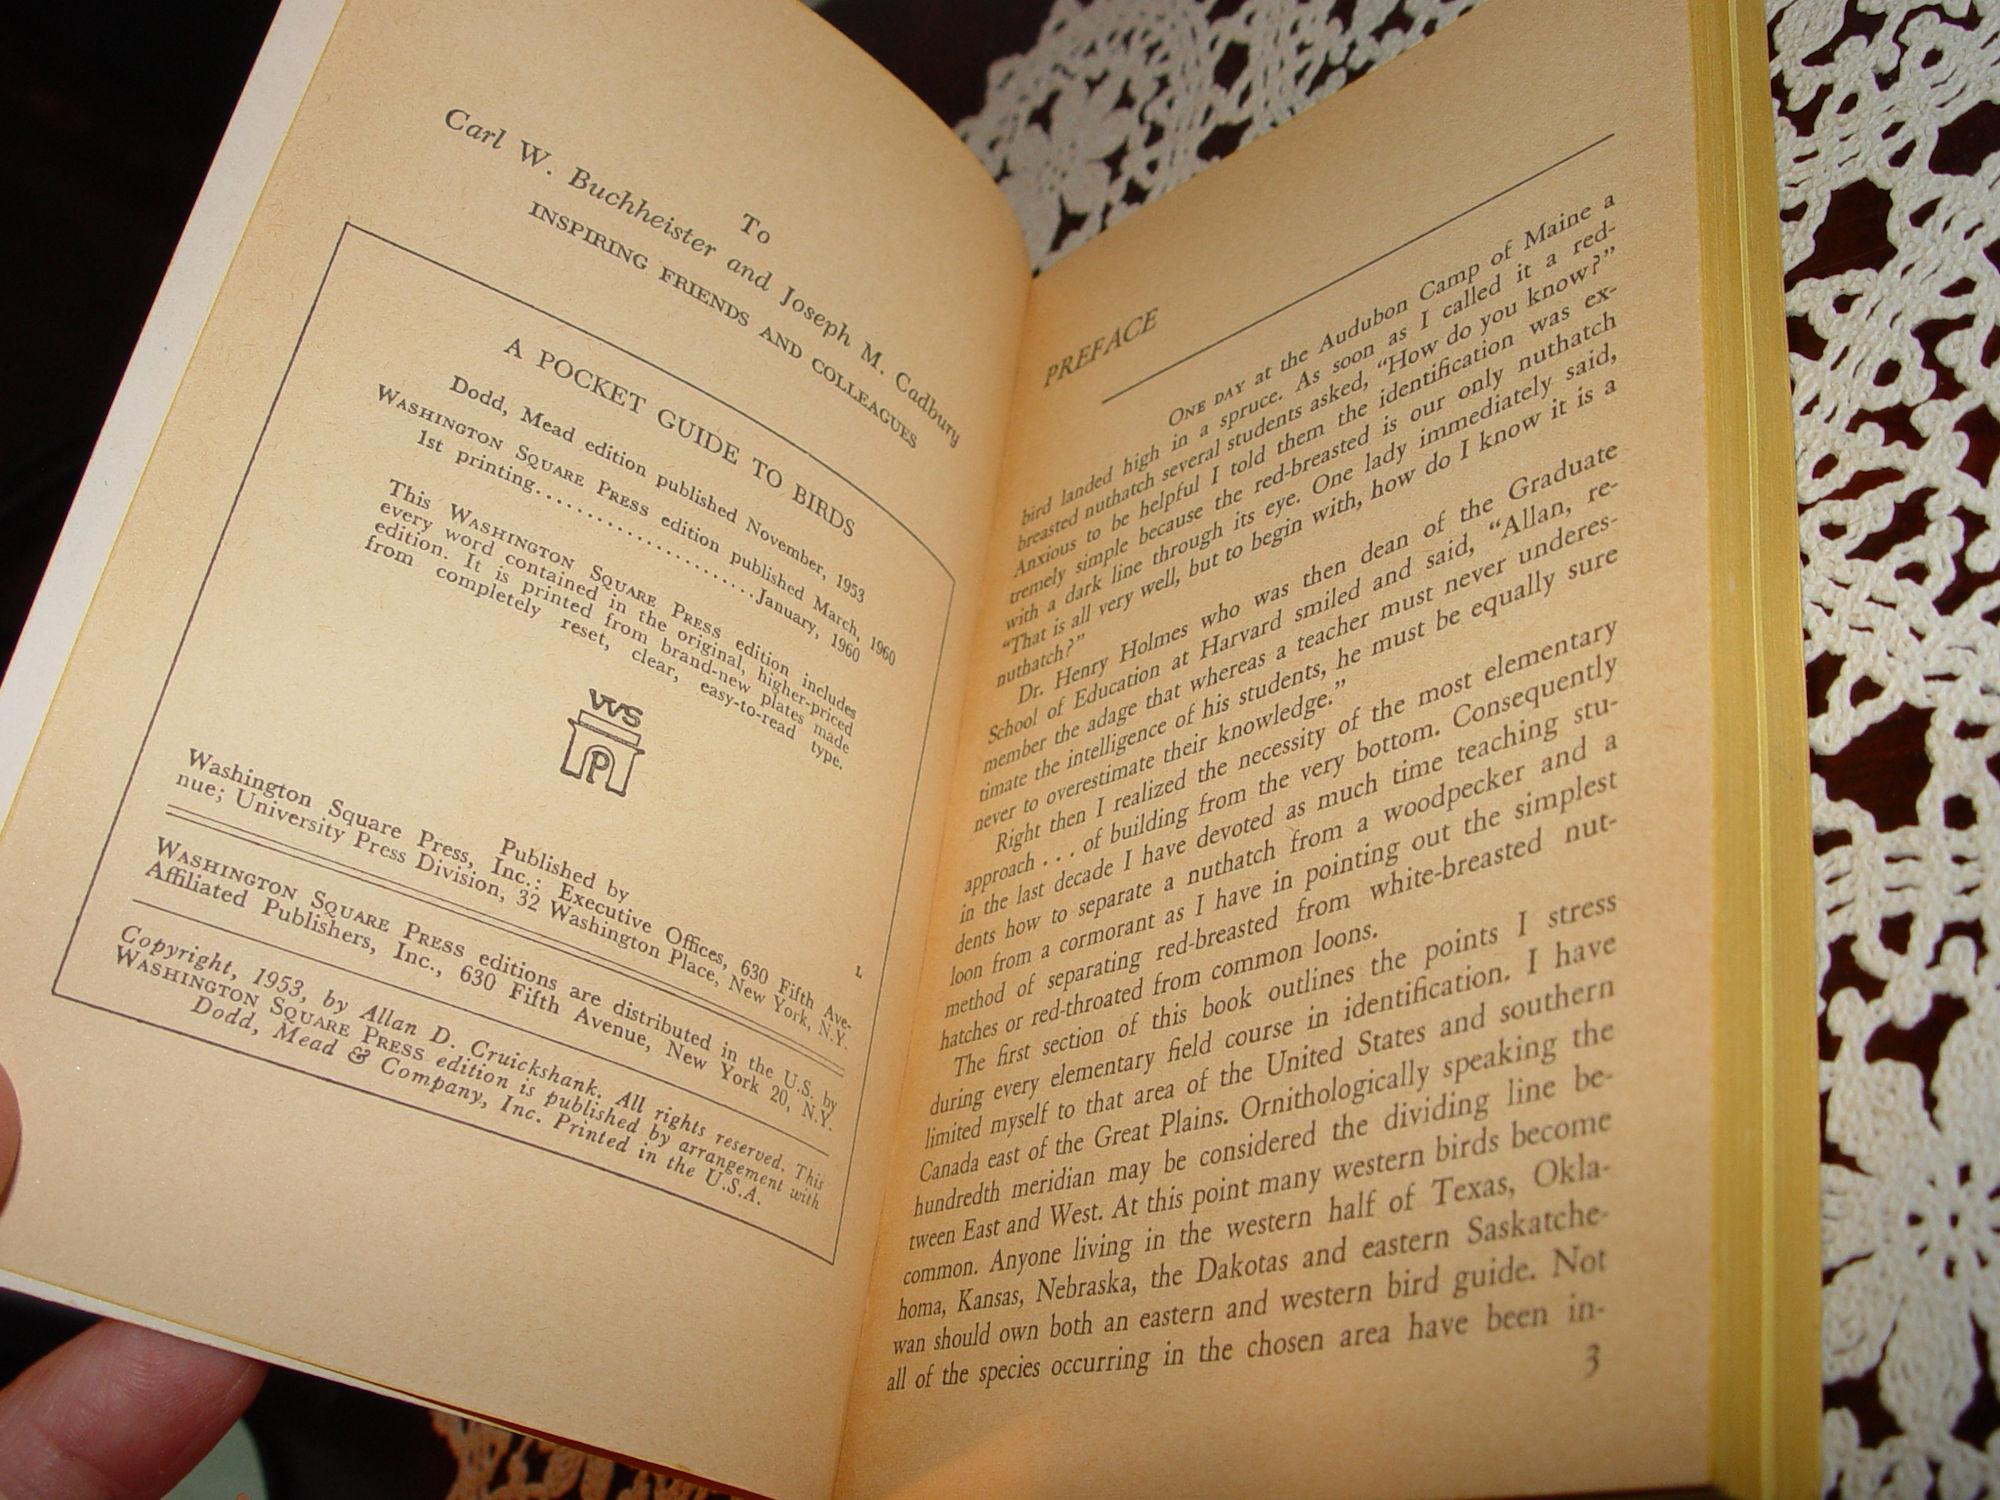 Antique Nový zákon (Pána a                                         spasitele našeho Ježíše Krista)                                         - The New Testament Lord and                                         Savior Jesus Christ Czech                                         language